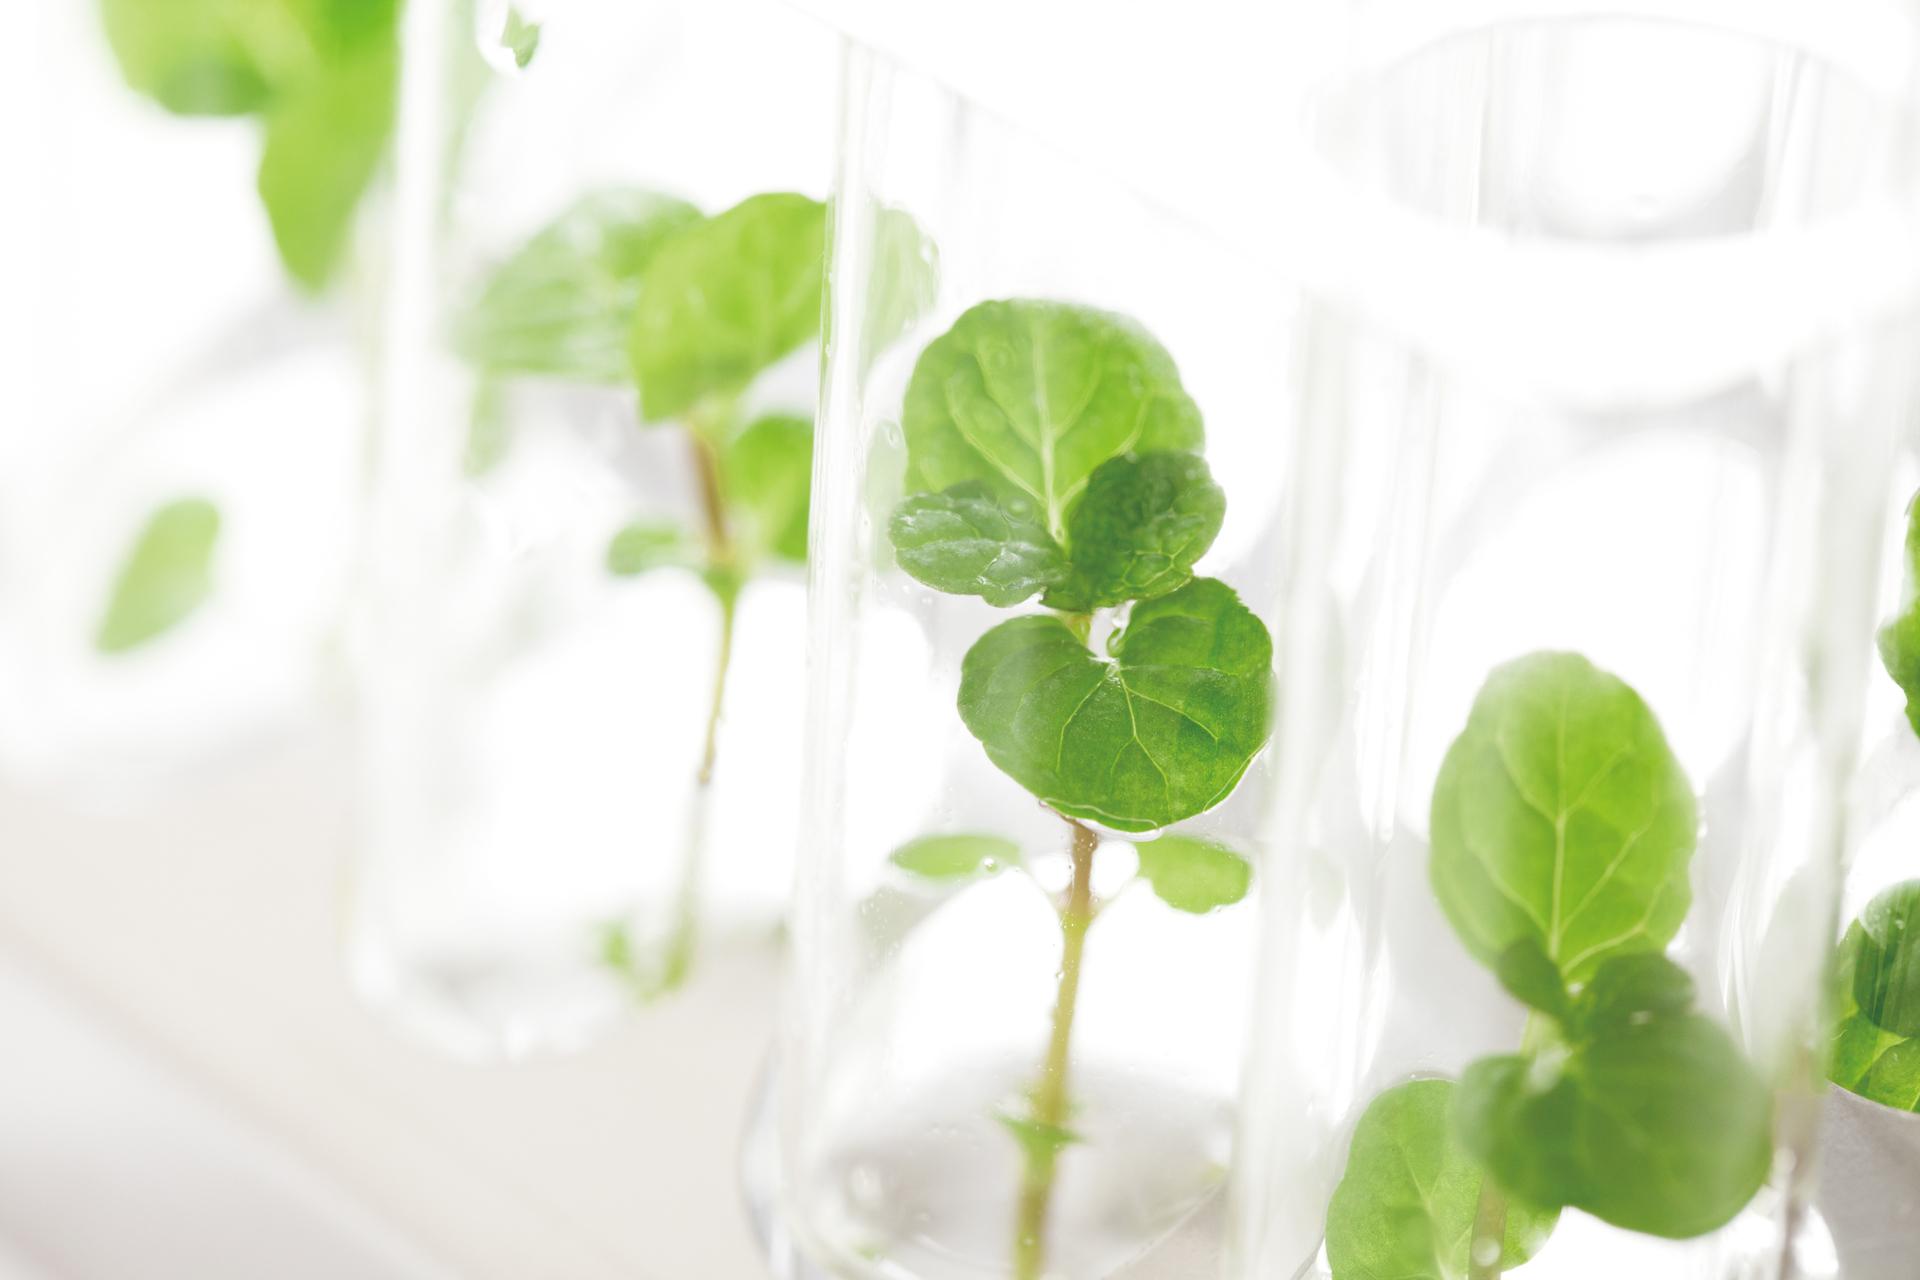 テクノロジー 植物 バイオ